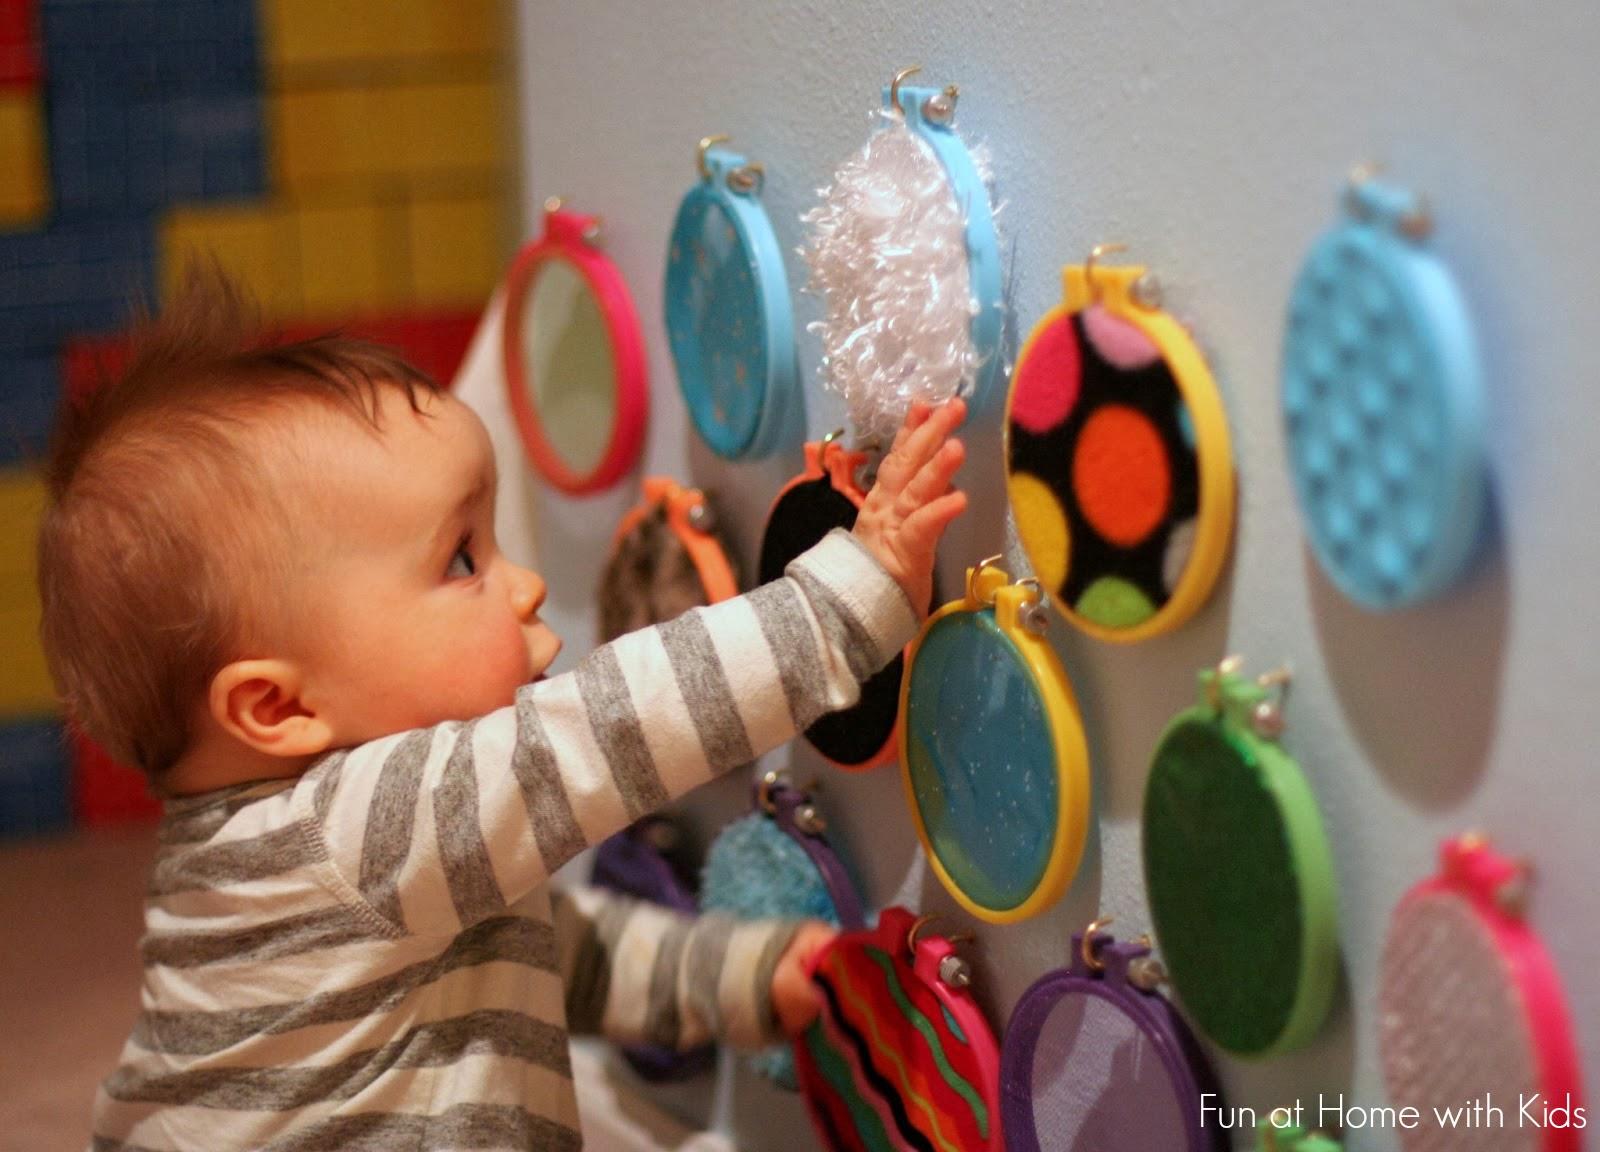 44de5758a Desenvolvimento tátil dos bebês e dicas de brinquedos e brincadeiras táteis